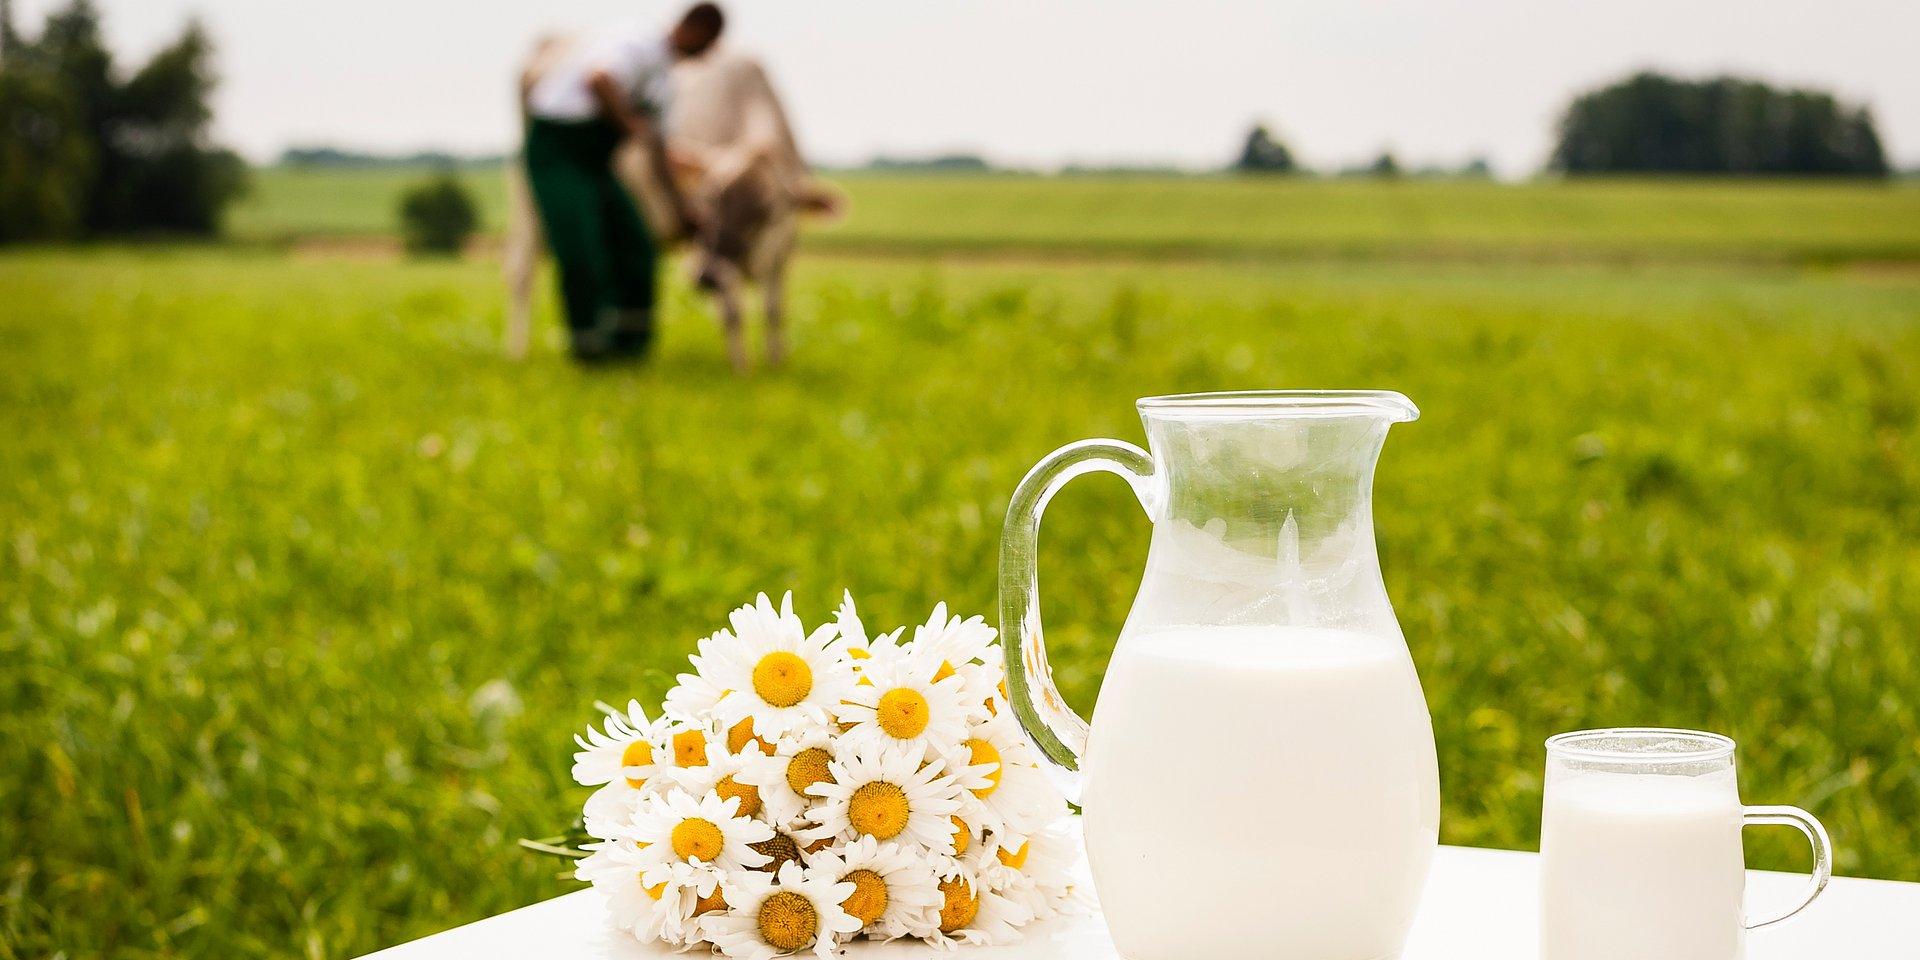 Obniżki cen mleka w skupie wydają się nieuniknione